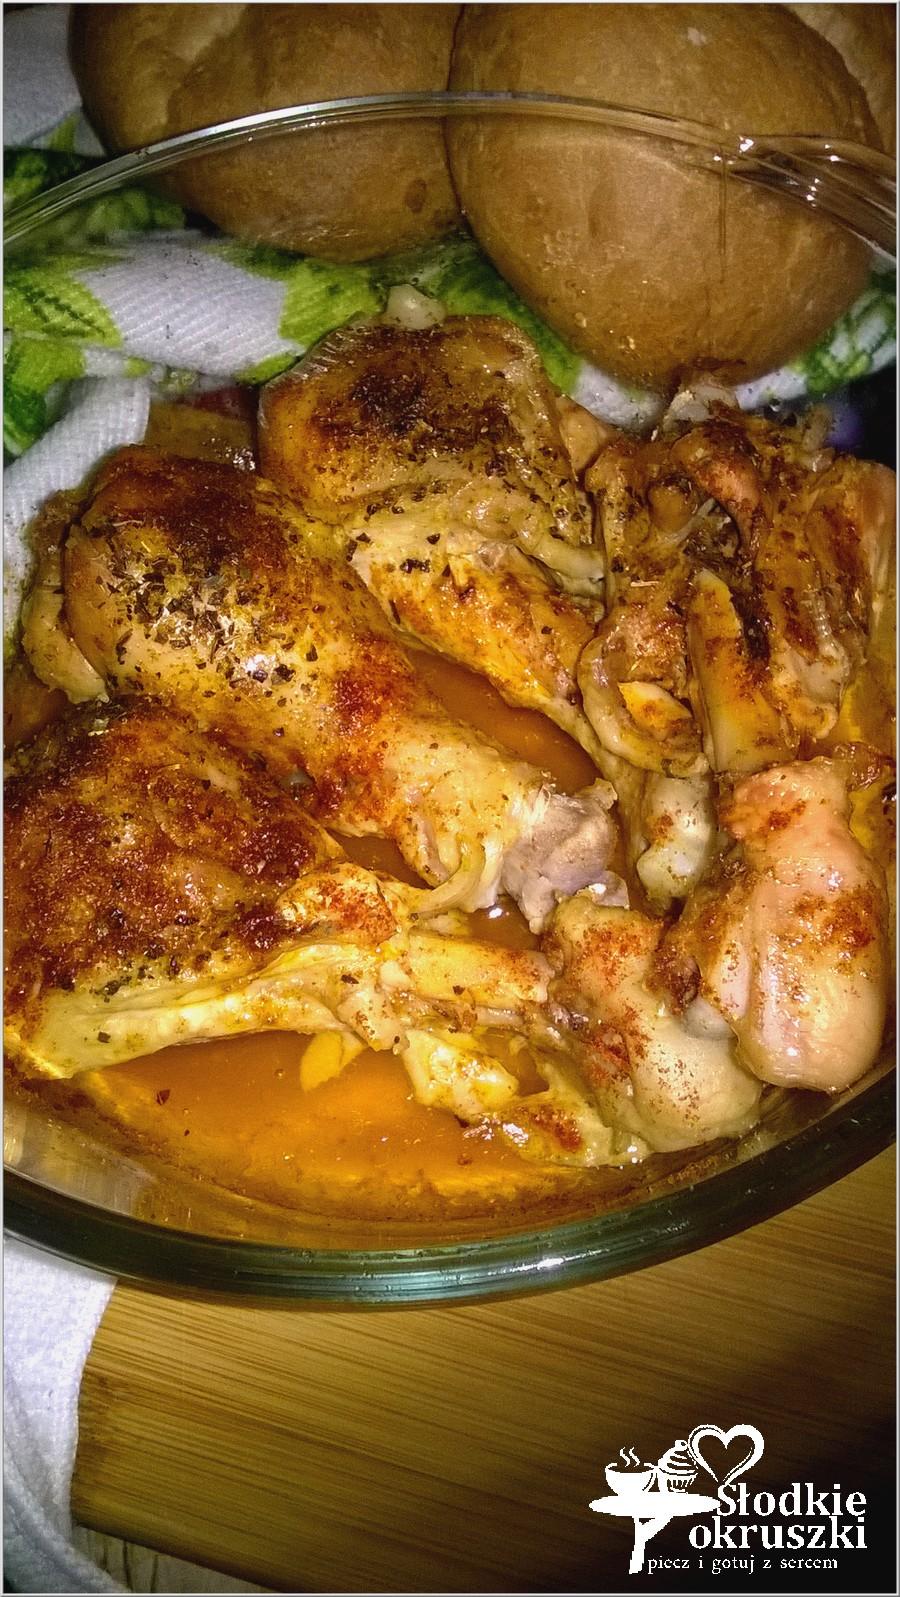 Kurczak pieczony w ziołach i rosole. Pomysł na szybki obiad. (1)